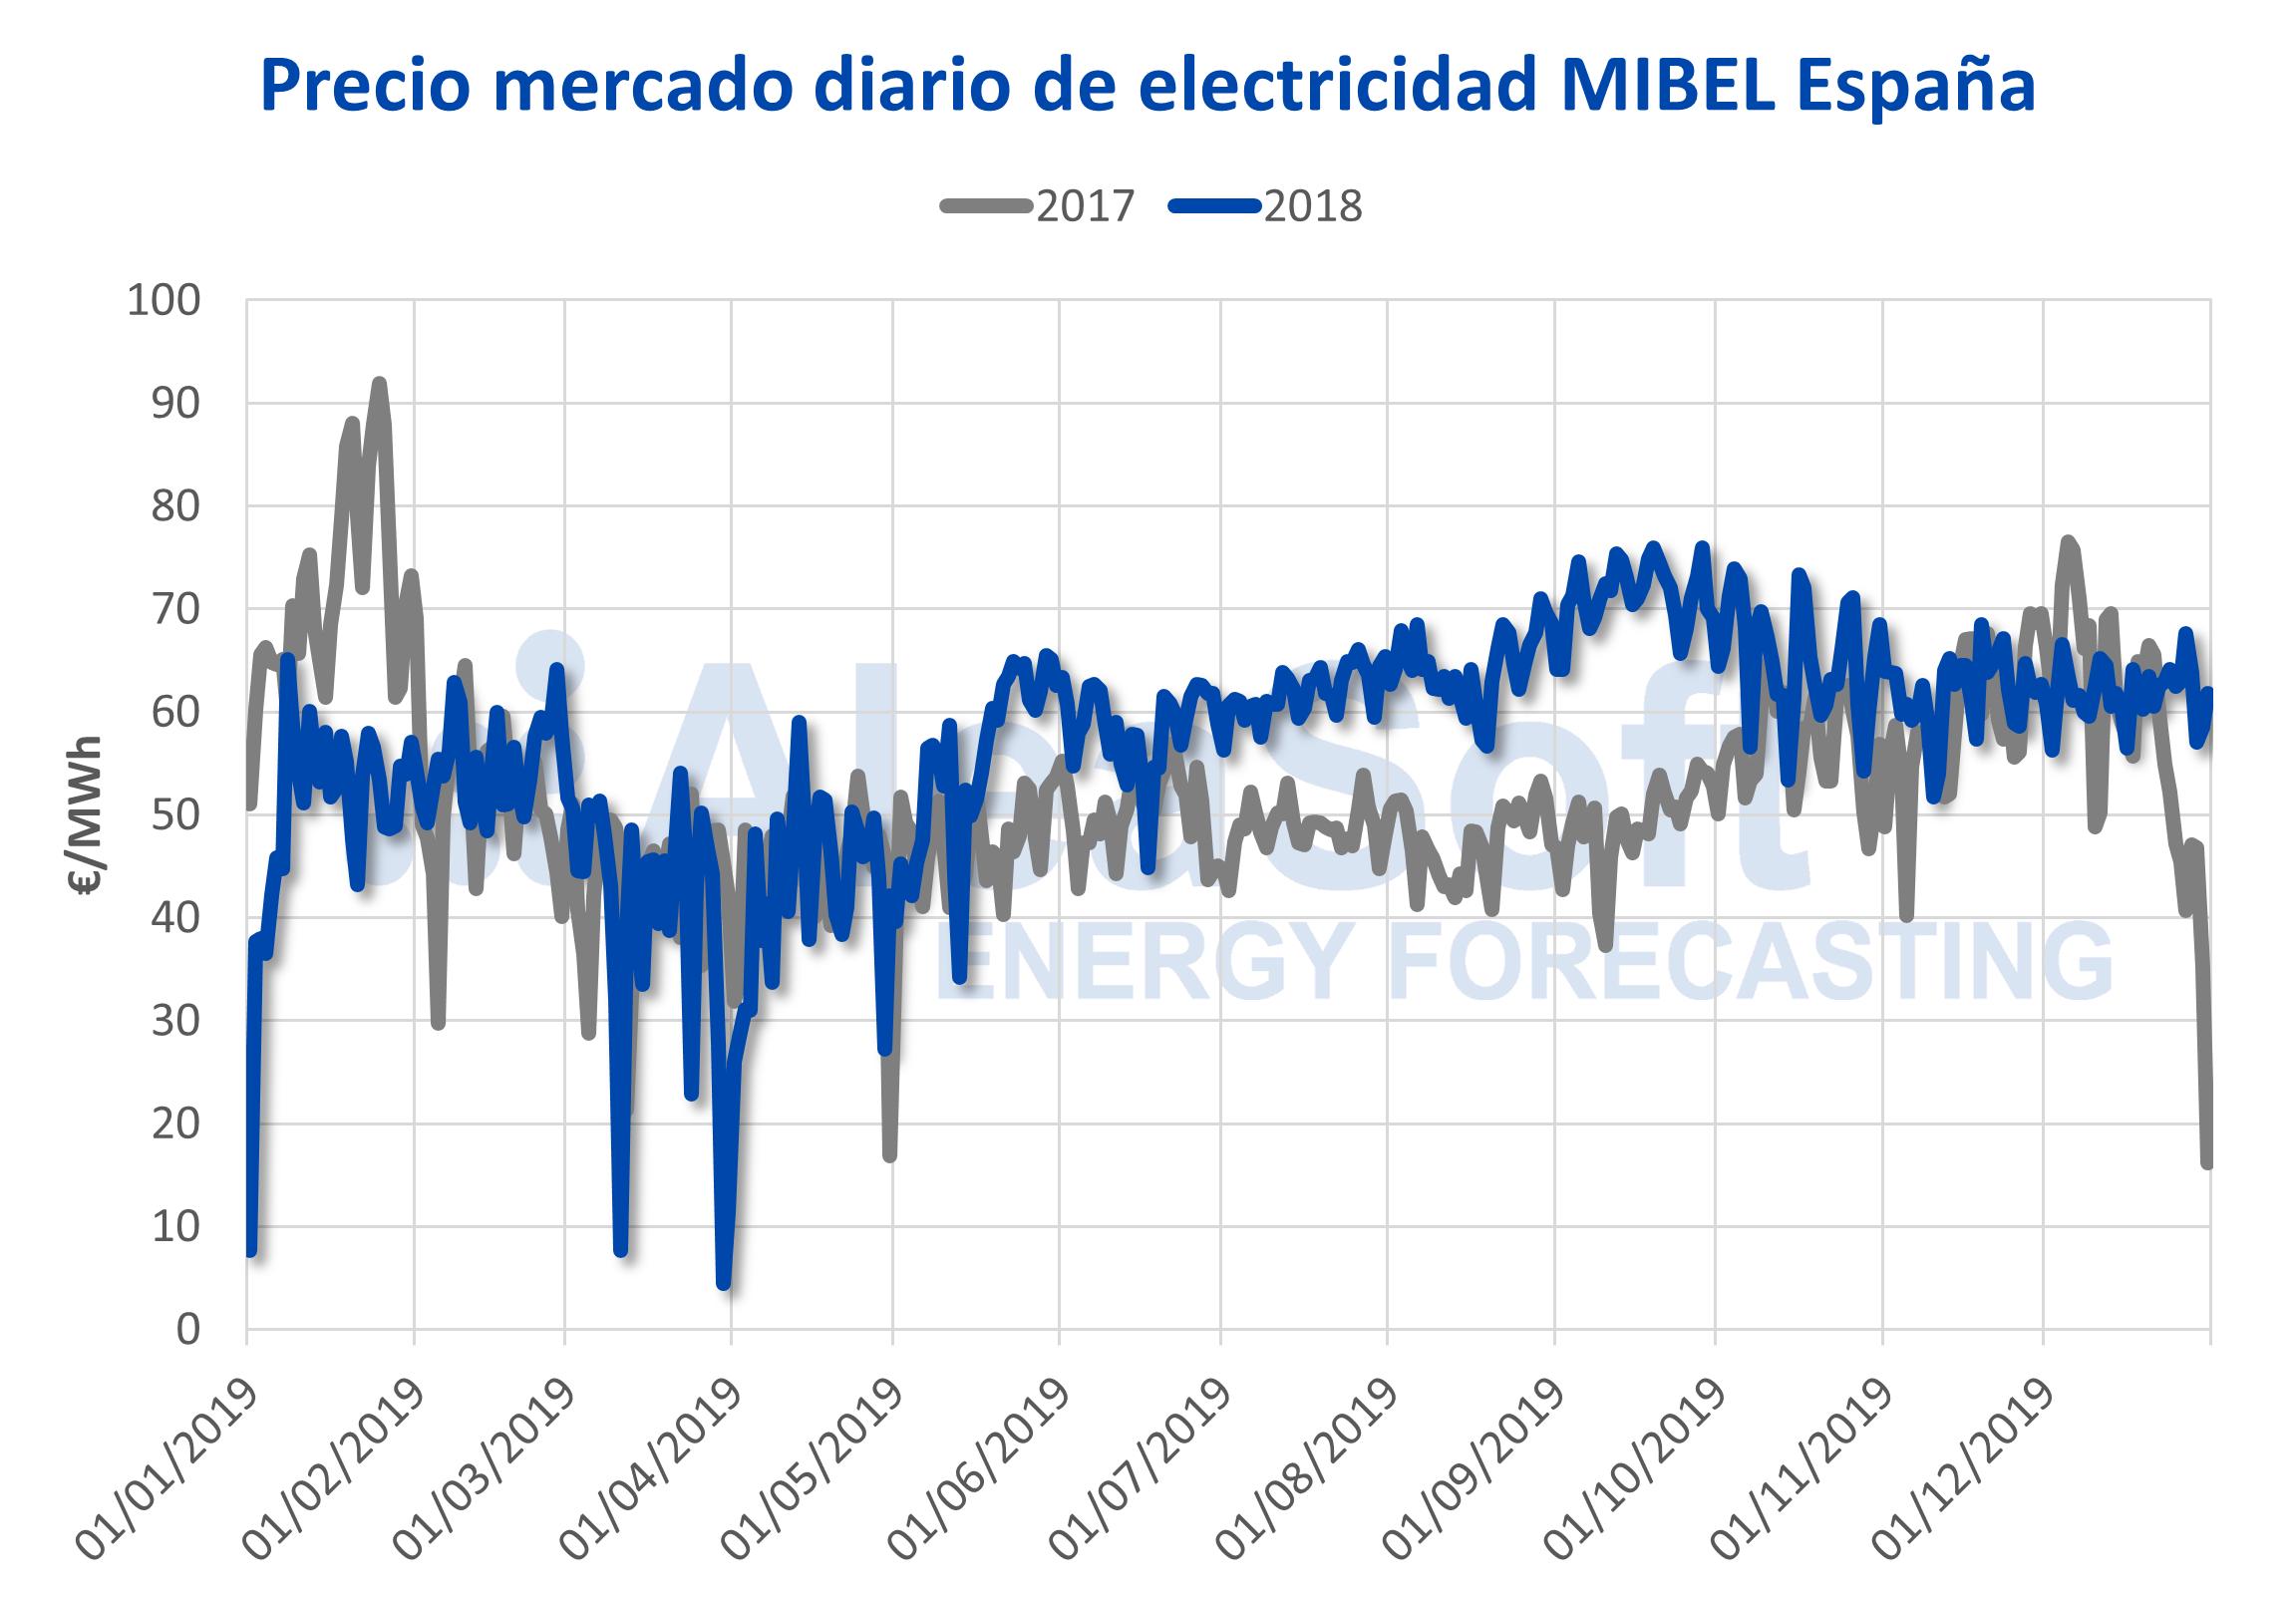 AleaSoft - Precio mercado electricidad MIBEL España